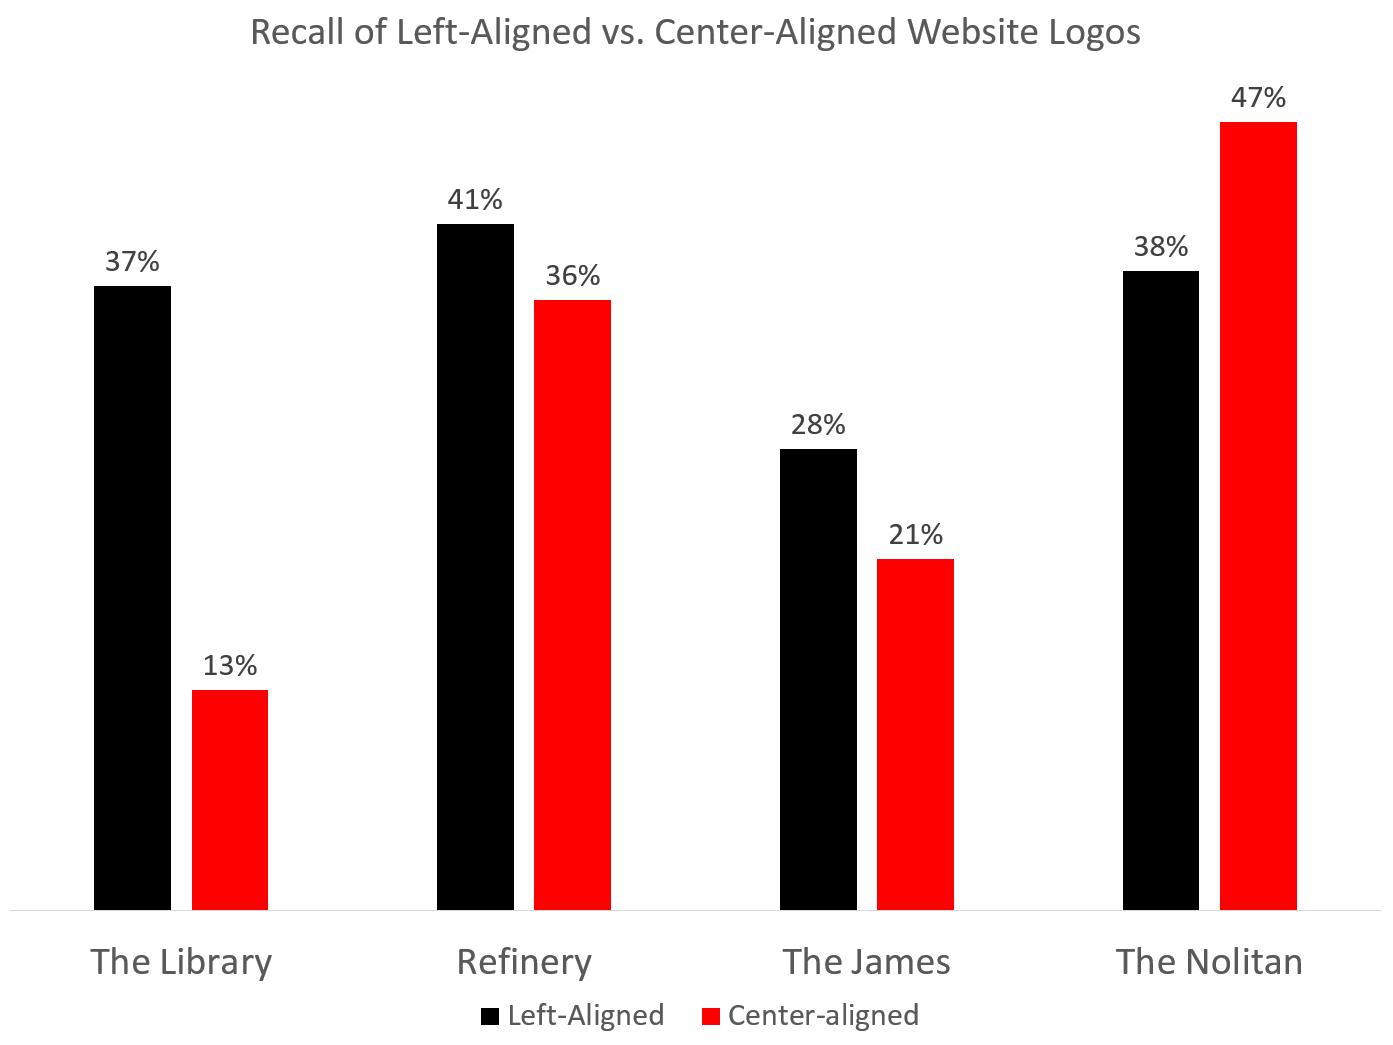 Сравнение узнаваемости сайтов четырех различных отелей не показало значительного снижения запоминаемости бренда для сайтов с центрированными логотипами.